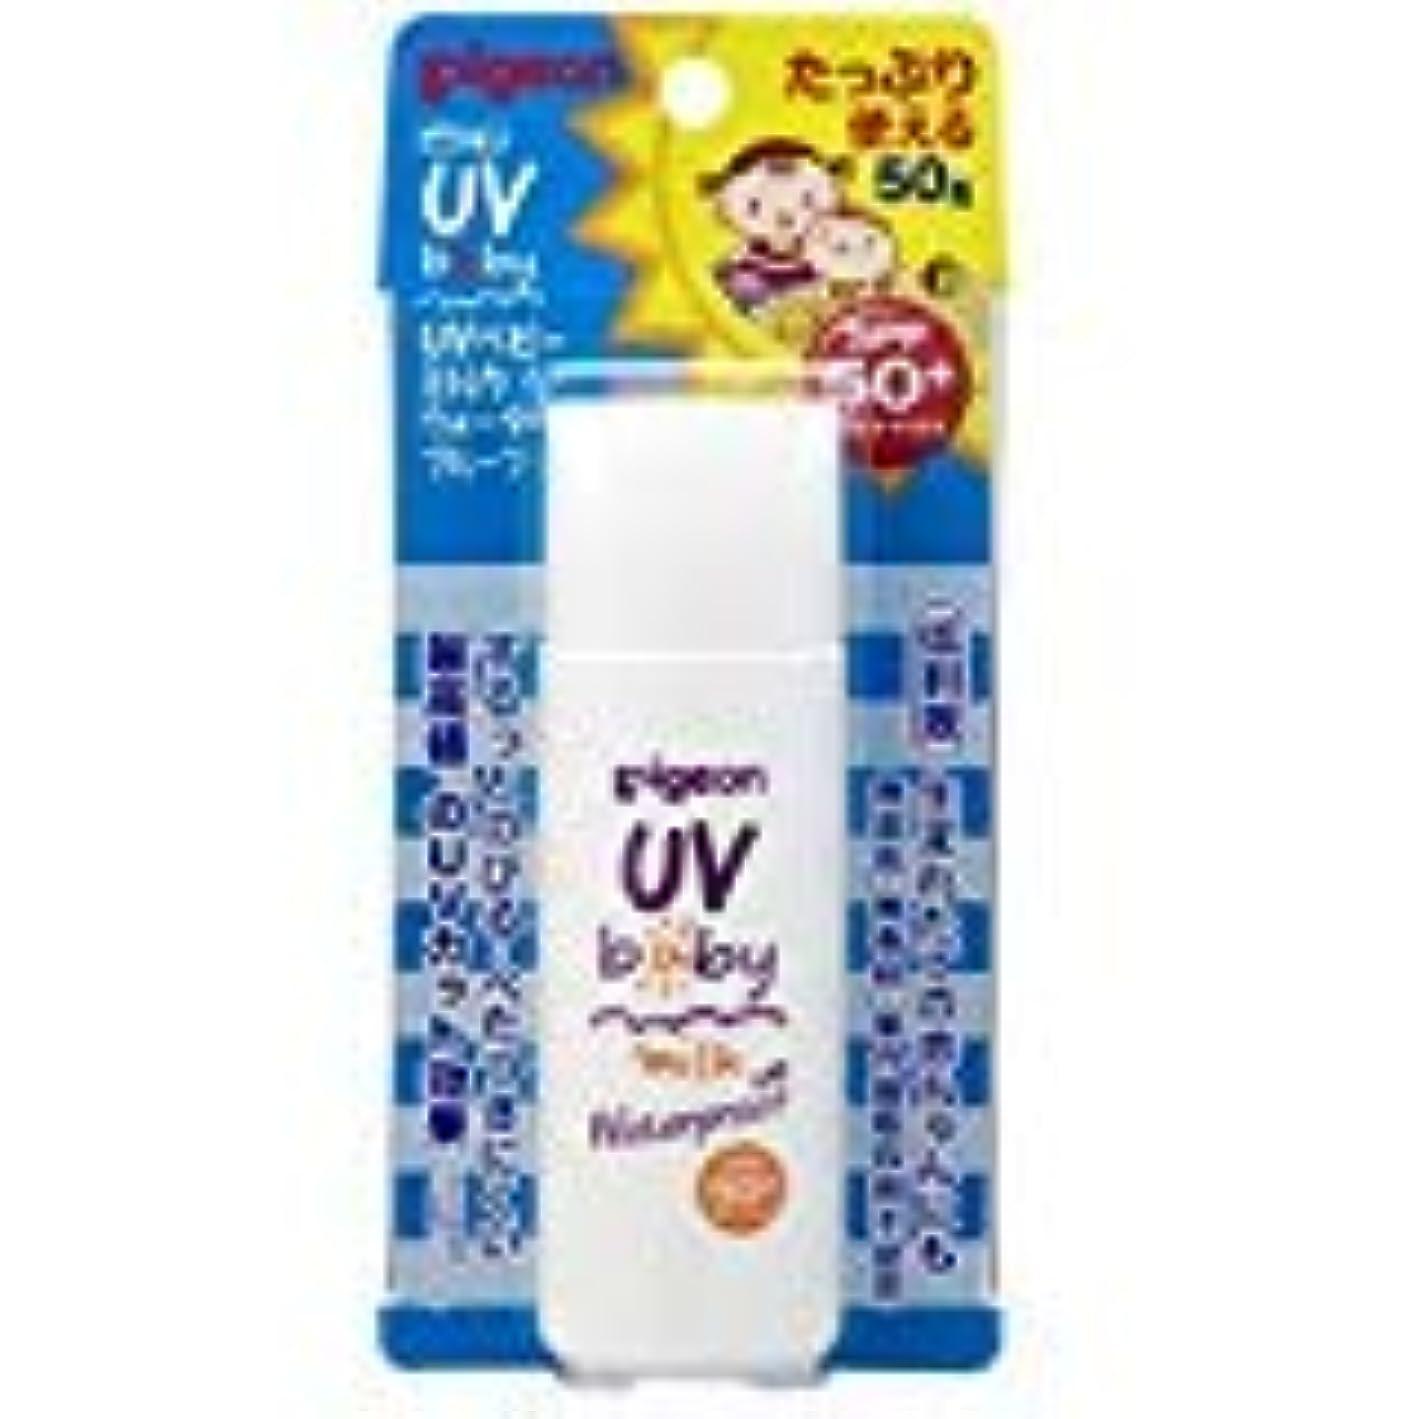 封建変わる飲み込むピジョン UVベビーミルク ウォータープルーフ SPF50+ 50g